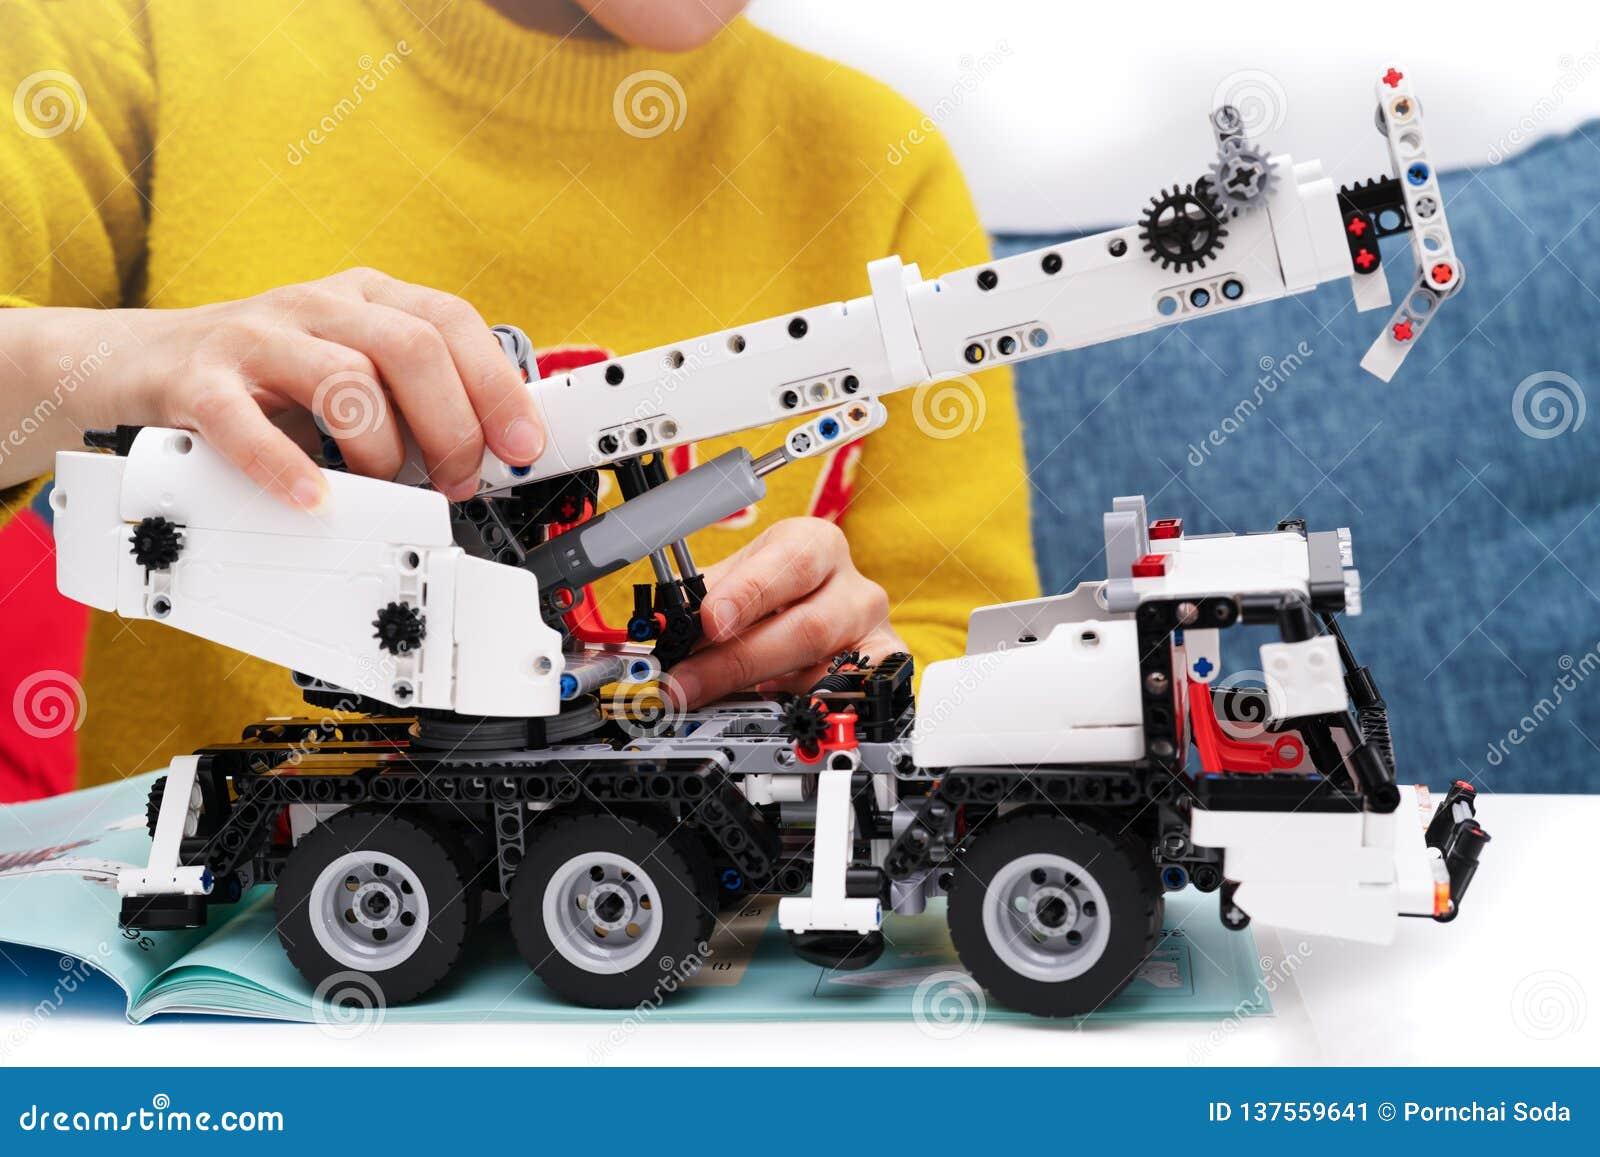 El equipo del montaje del coche, mujer monta un juguete muy complicado y común del coche camión